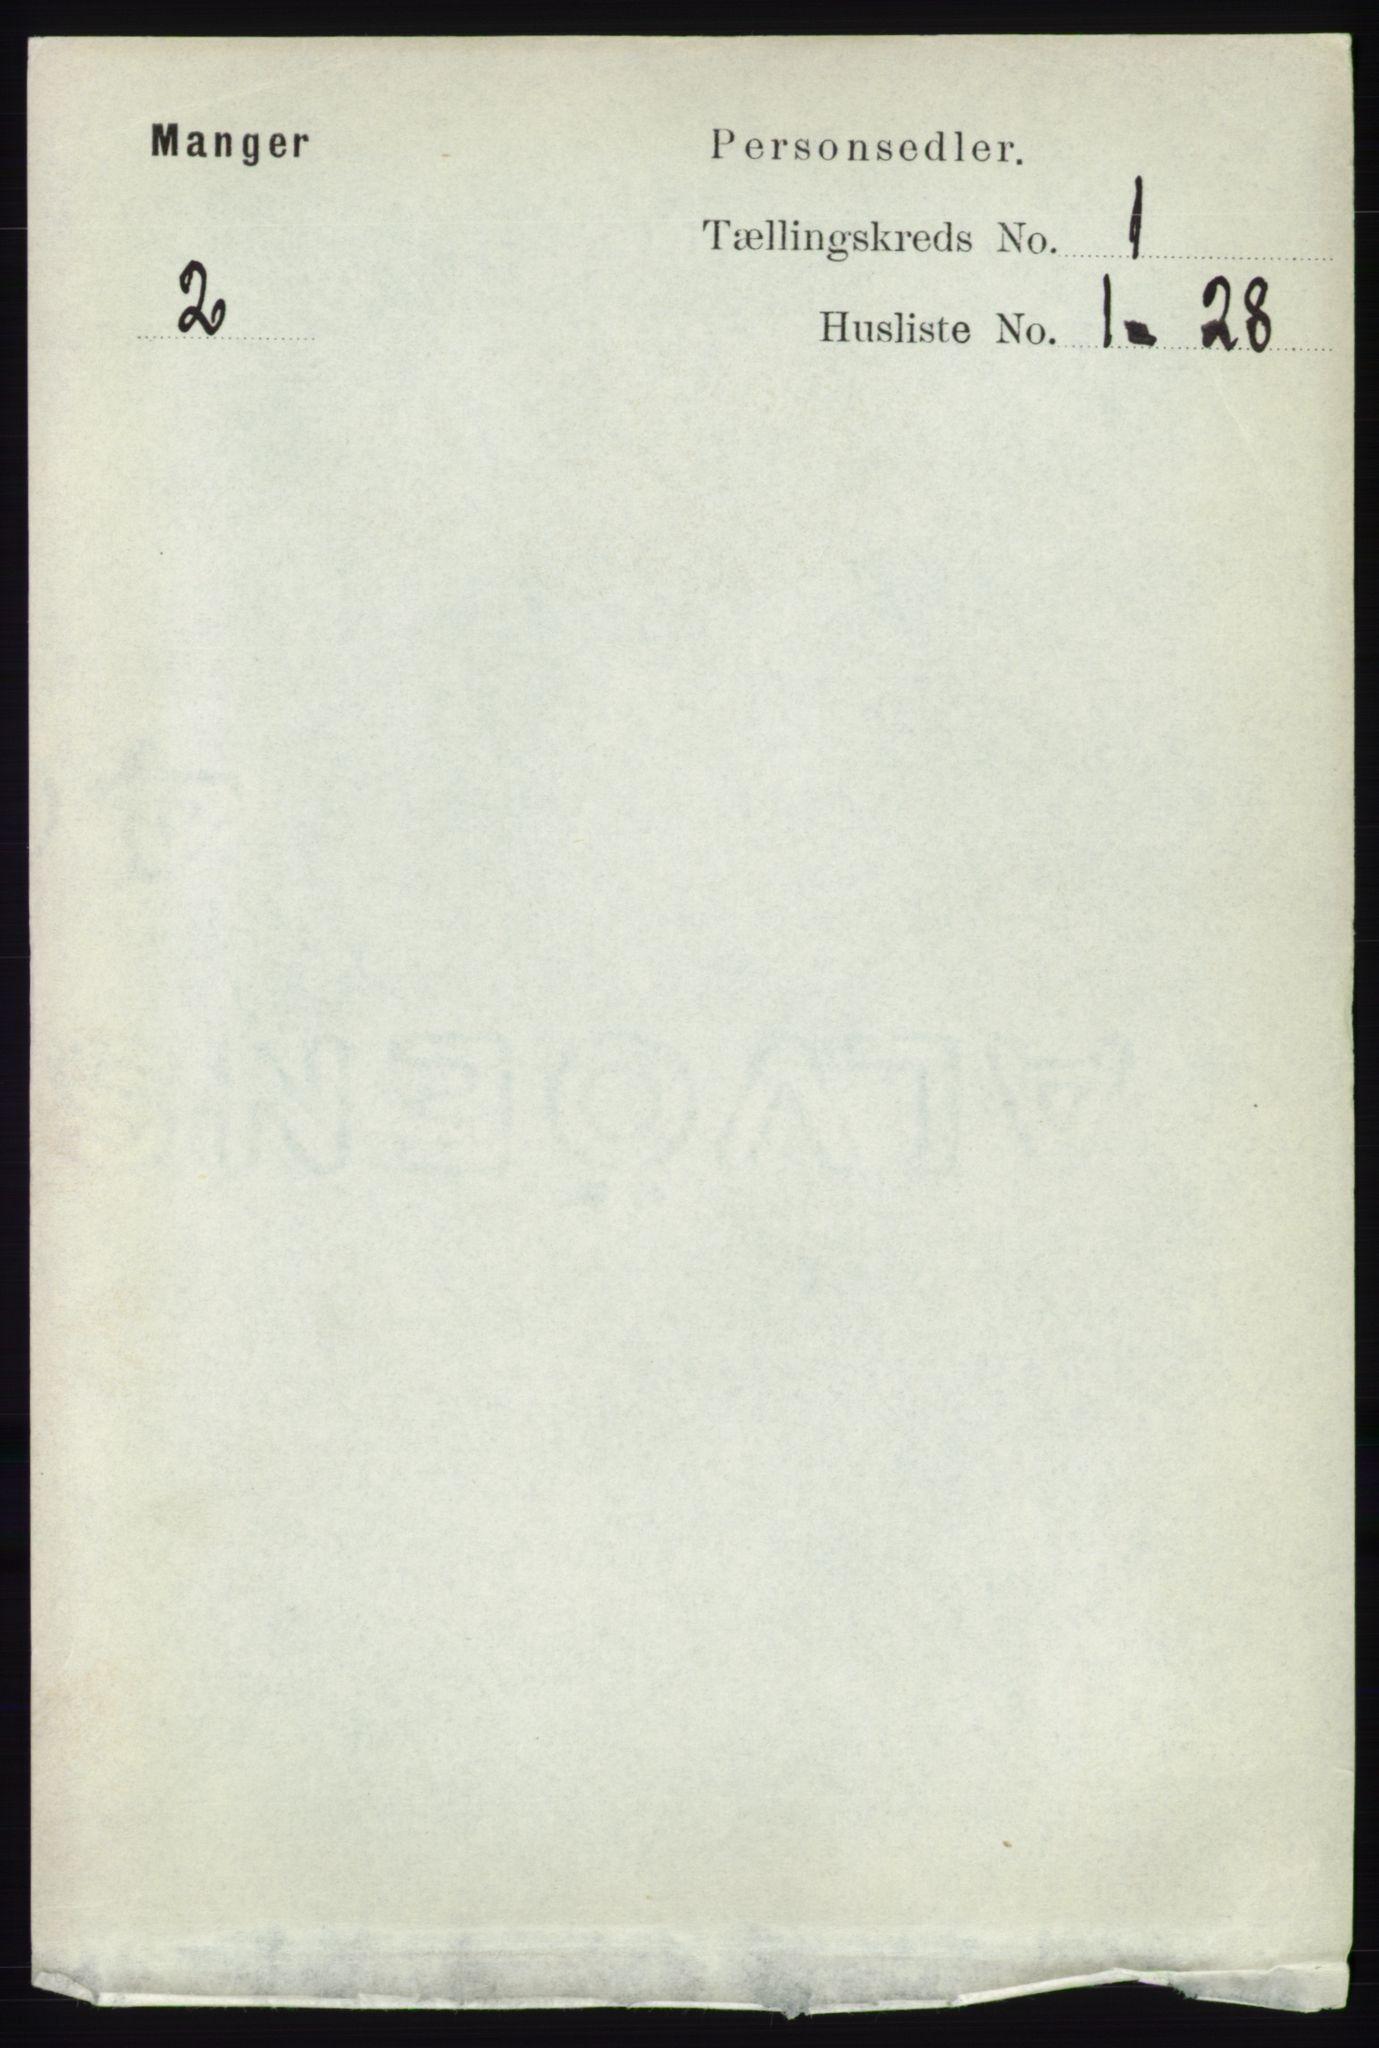 RA, Folketelling 1891 for 1261 Manger herred, 1891, s. 122